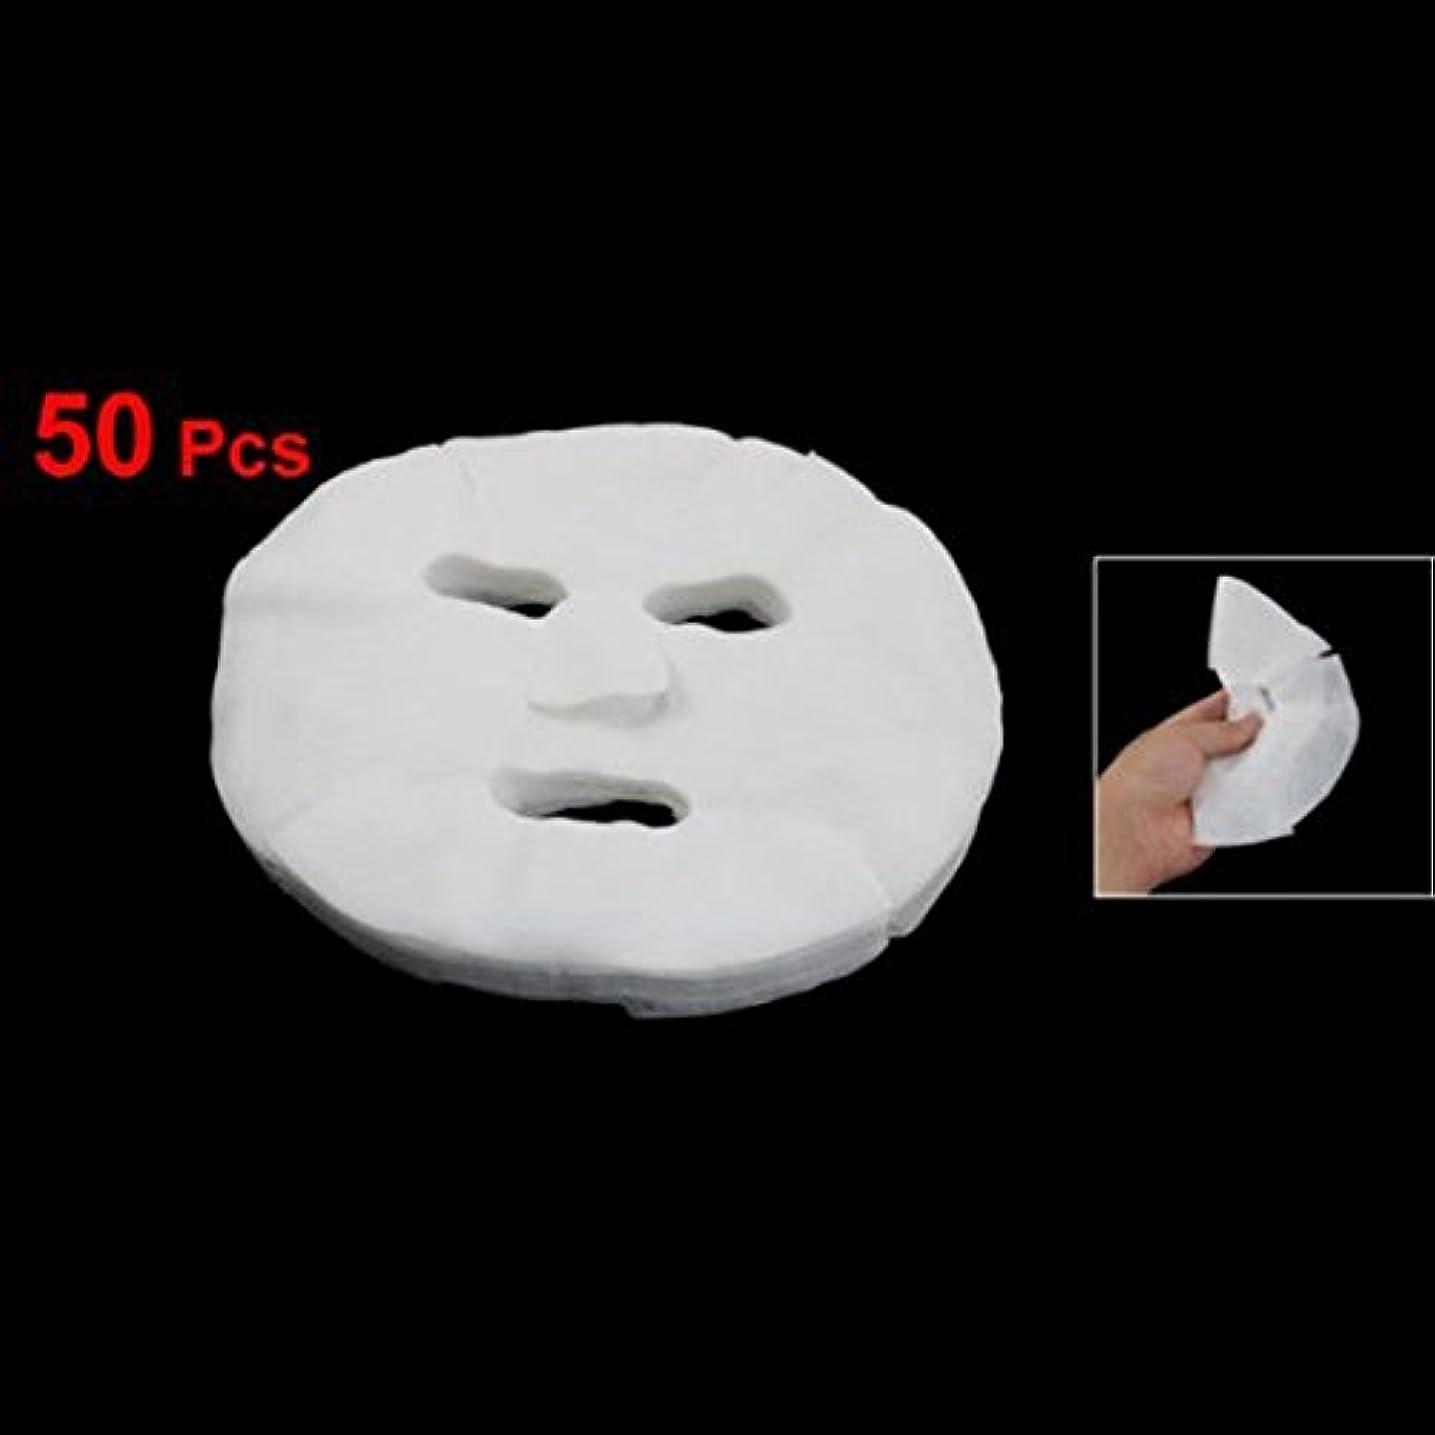 経由でもろい売上高RETYLY RETYLY(R)50pcs女性の化粧品拡大コットンフェイシャルマスクシート